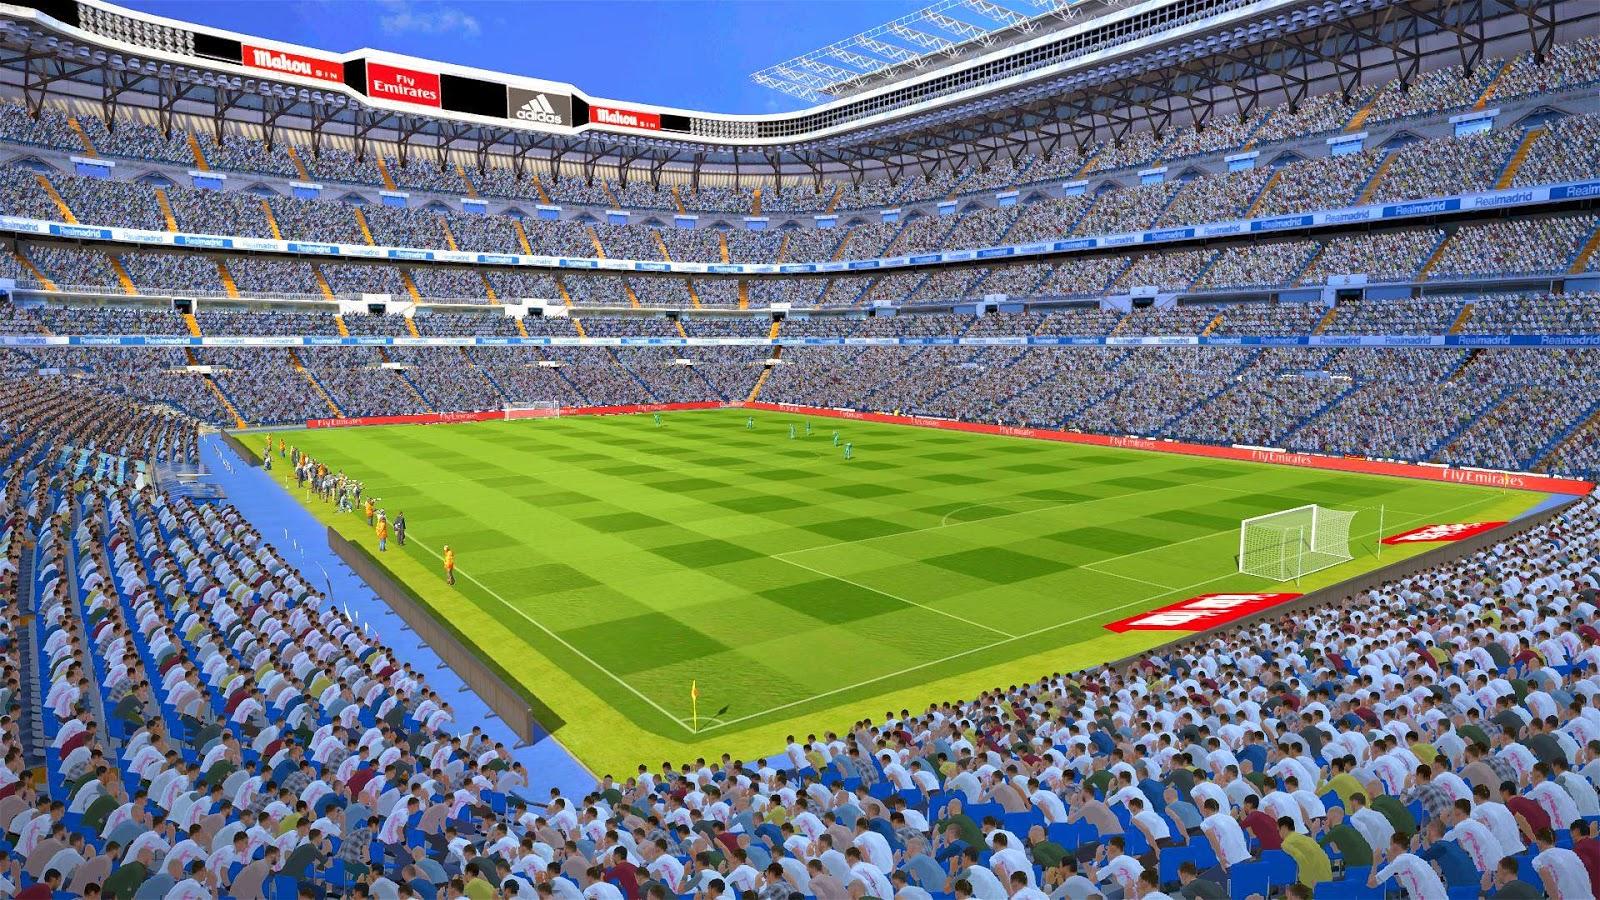 PES 2015: Estádio Santiago Bernabéu - Real Madrid HD 10830986_721144731303869_3682677385083291161_o